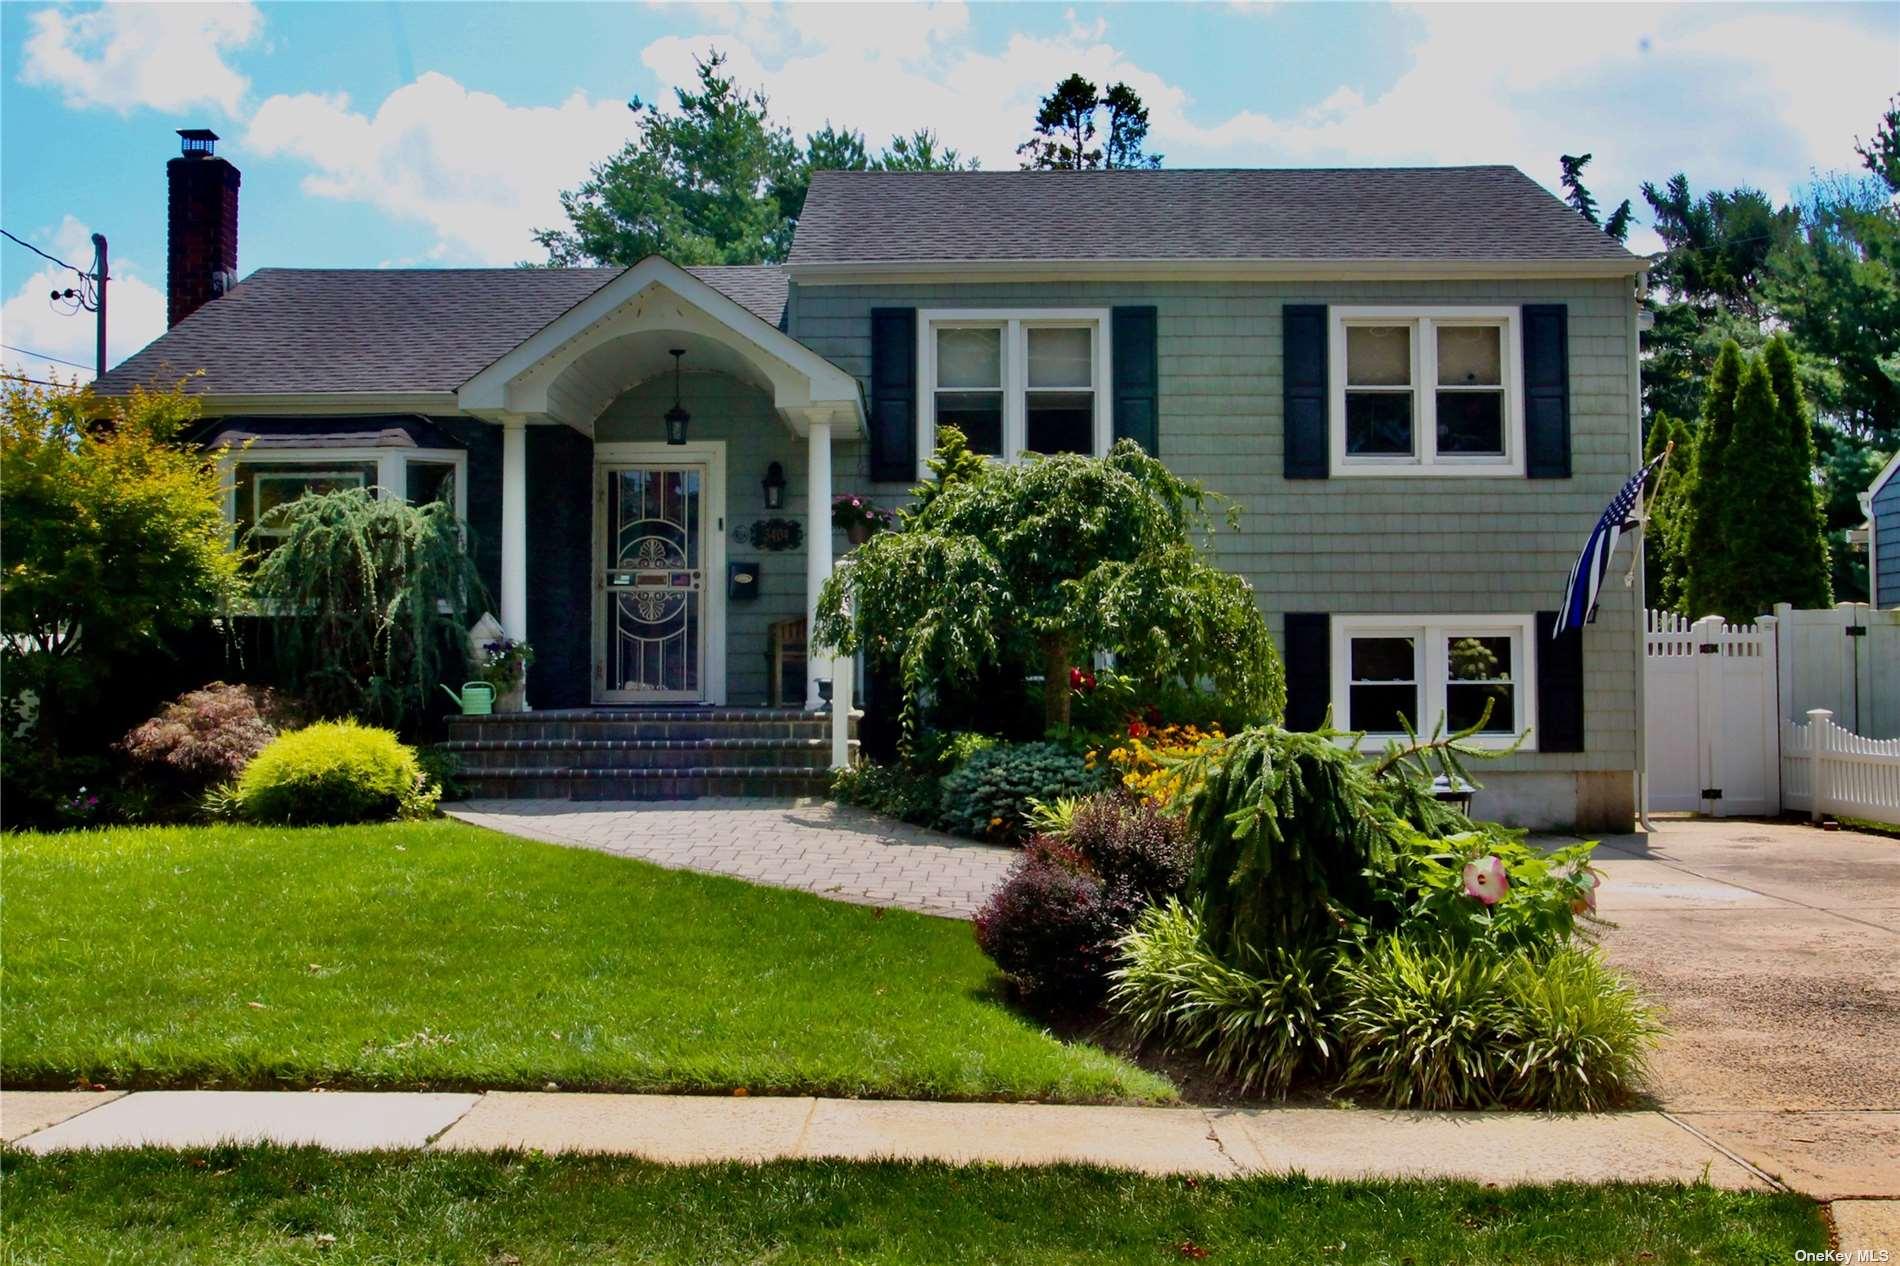 Photo of 3404 Homestead Avenue, Wantagh, NY 11793, Wantagh, NY 11793